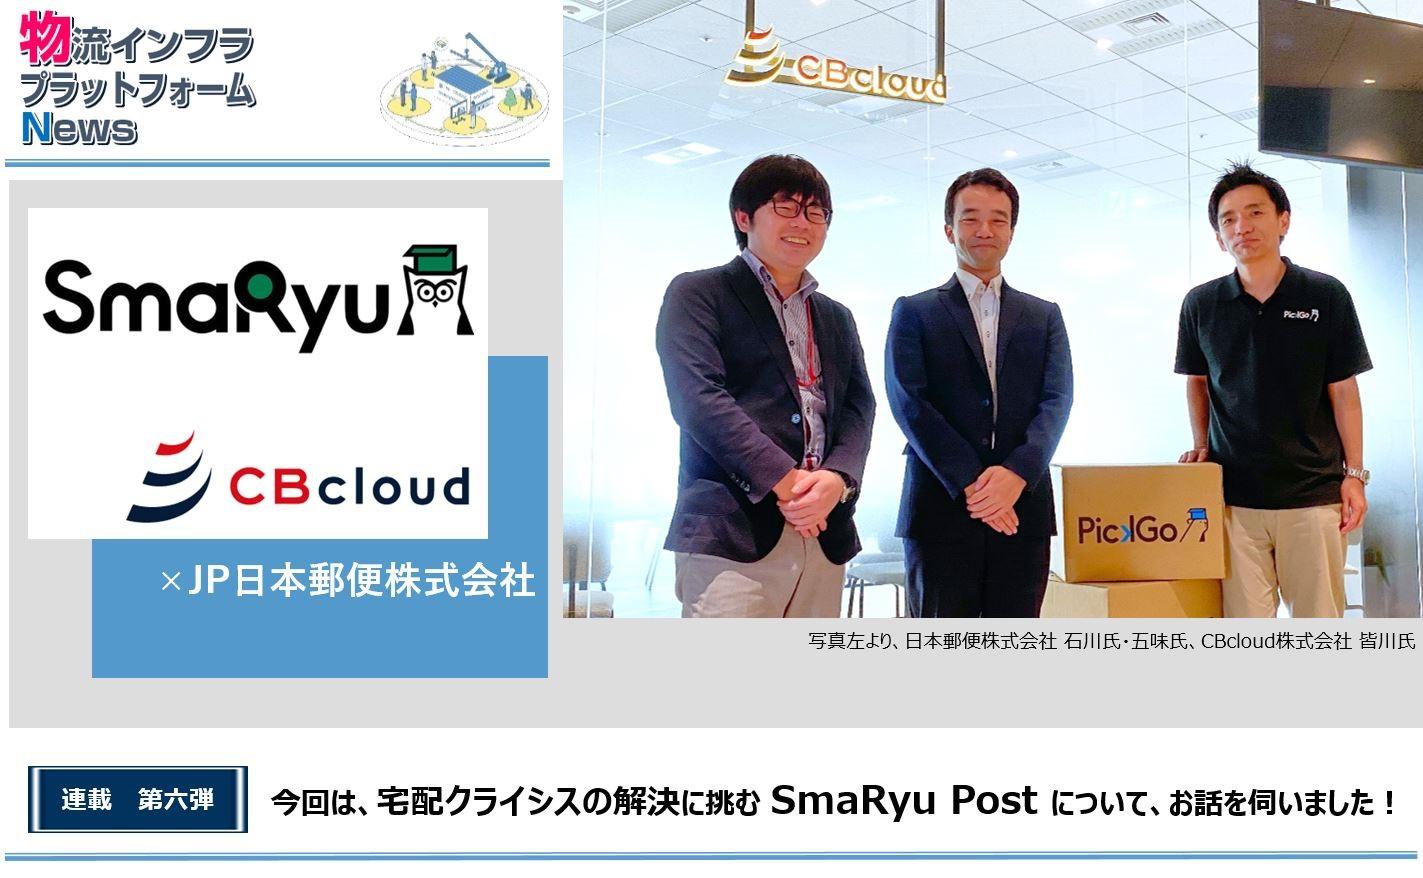 """【連載】第六弾「SmaRyu Postで実現へ! """"誰でも簡単に配達できる仕組み作り"""" への取り組み  CBcloud × 日本郵便の事例をご紹介」 ~物流インフラプラットフォームNews~"""